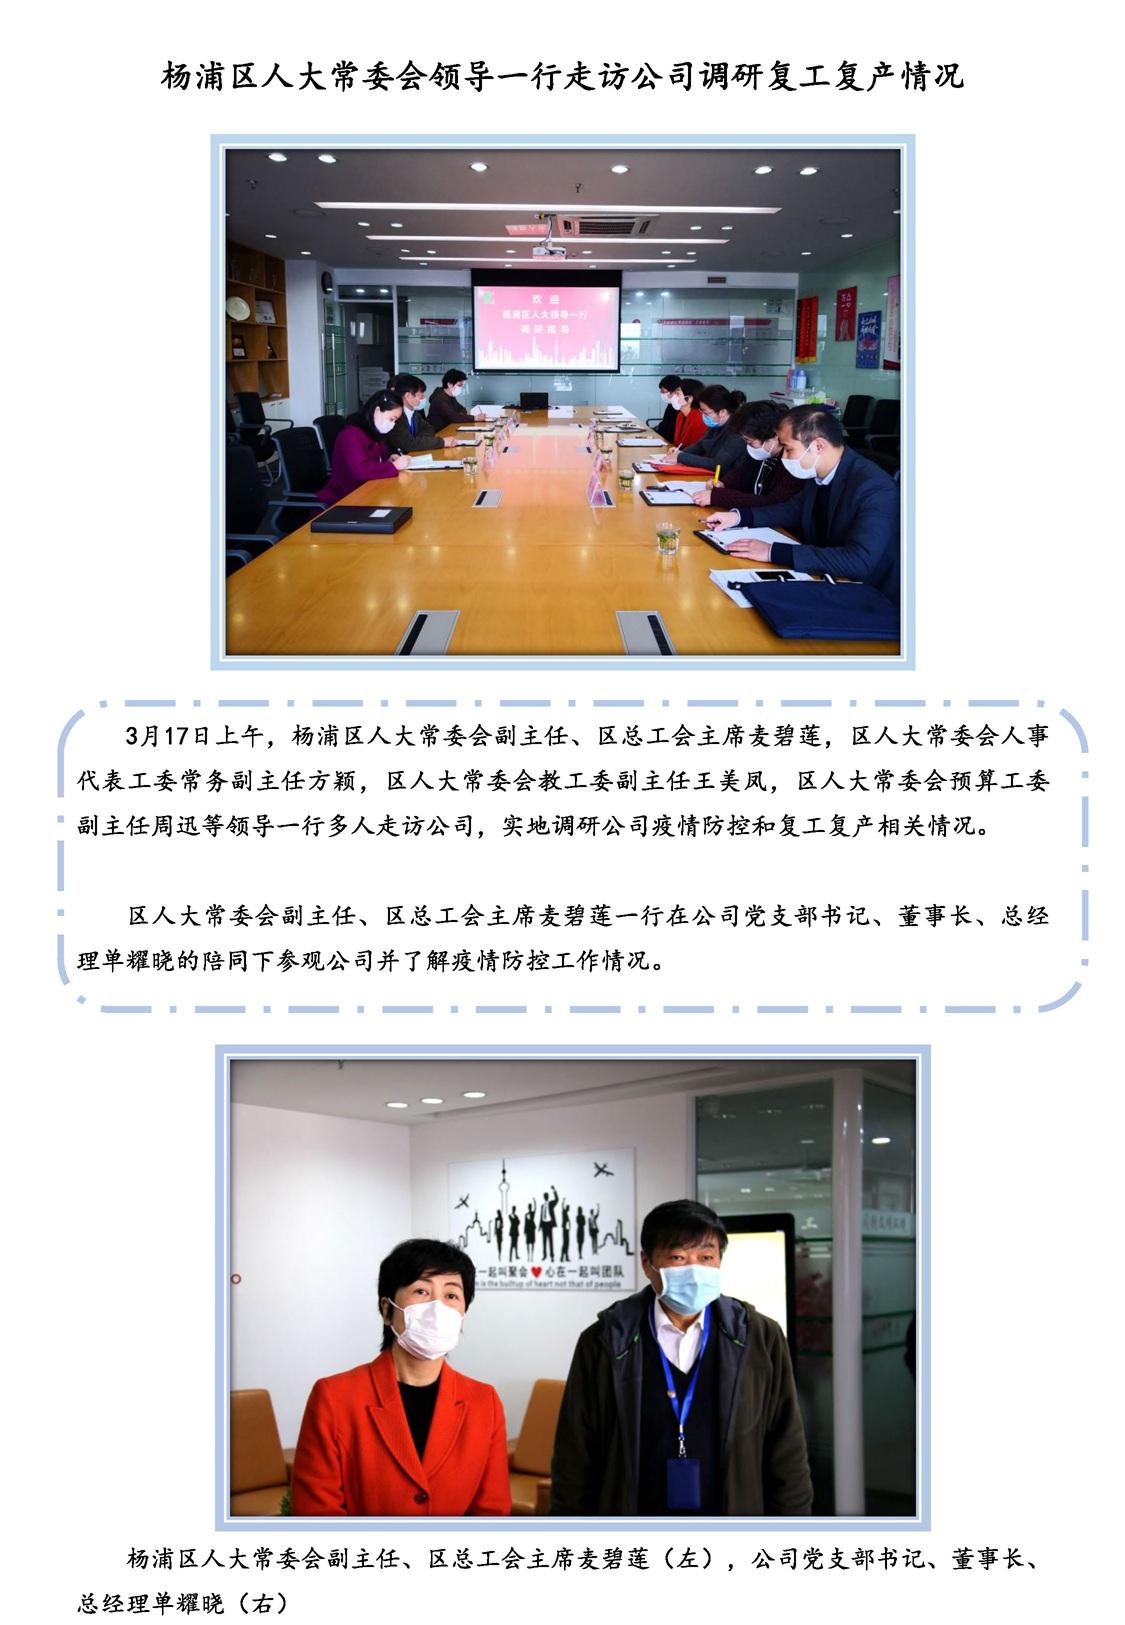 新建 Microsoft PowerPoint 演示文稿_页面_1.jpg